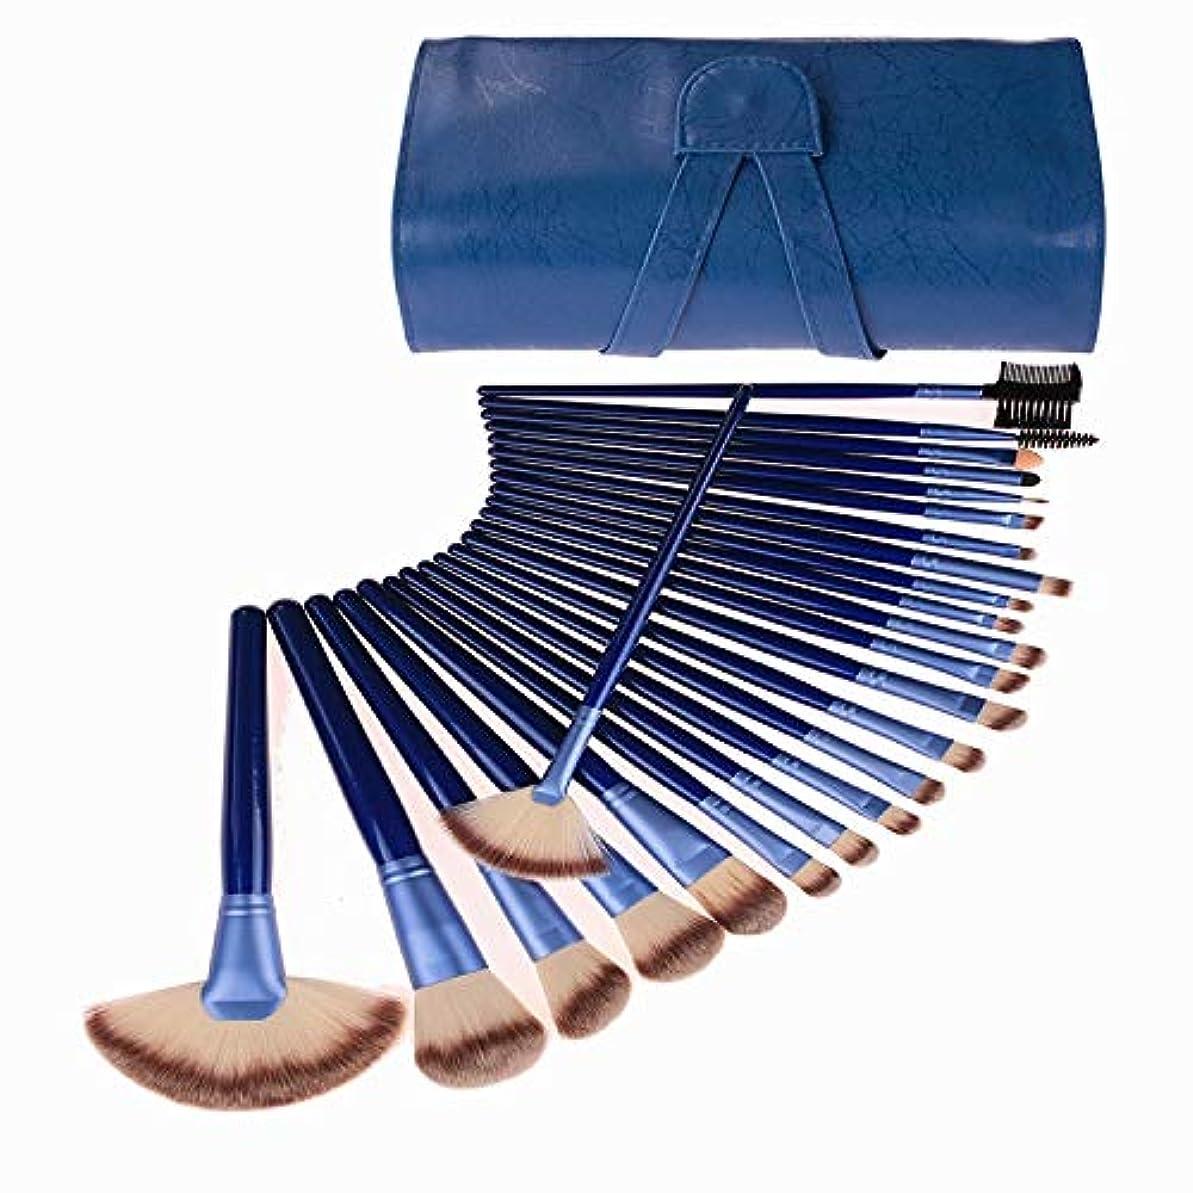 ラインナップ意義キウイ化粧ブラシスタートメーカー24個天然竹化粧ブラシセットビーガンプロ化粧品歌舞伎ブラシ化粧ブラシセット非常に柔らかい化粧ブラシセット美容スポンジ (Color : Blue)